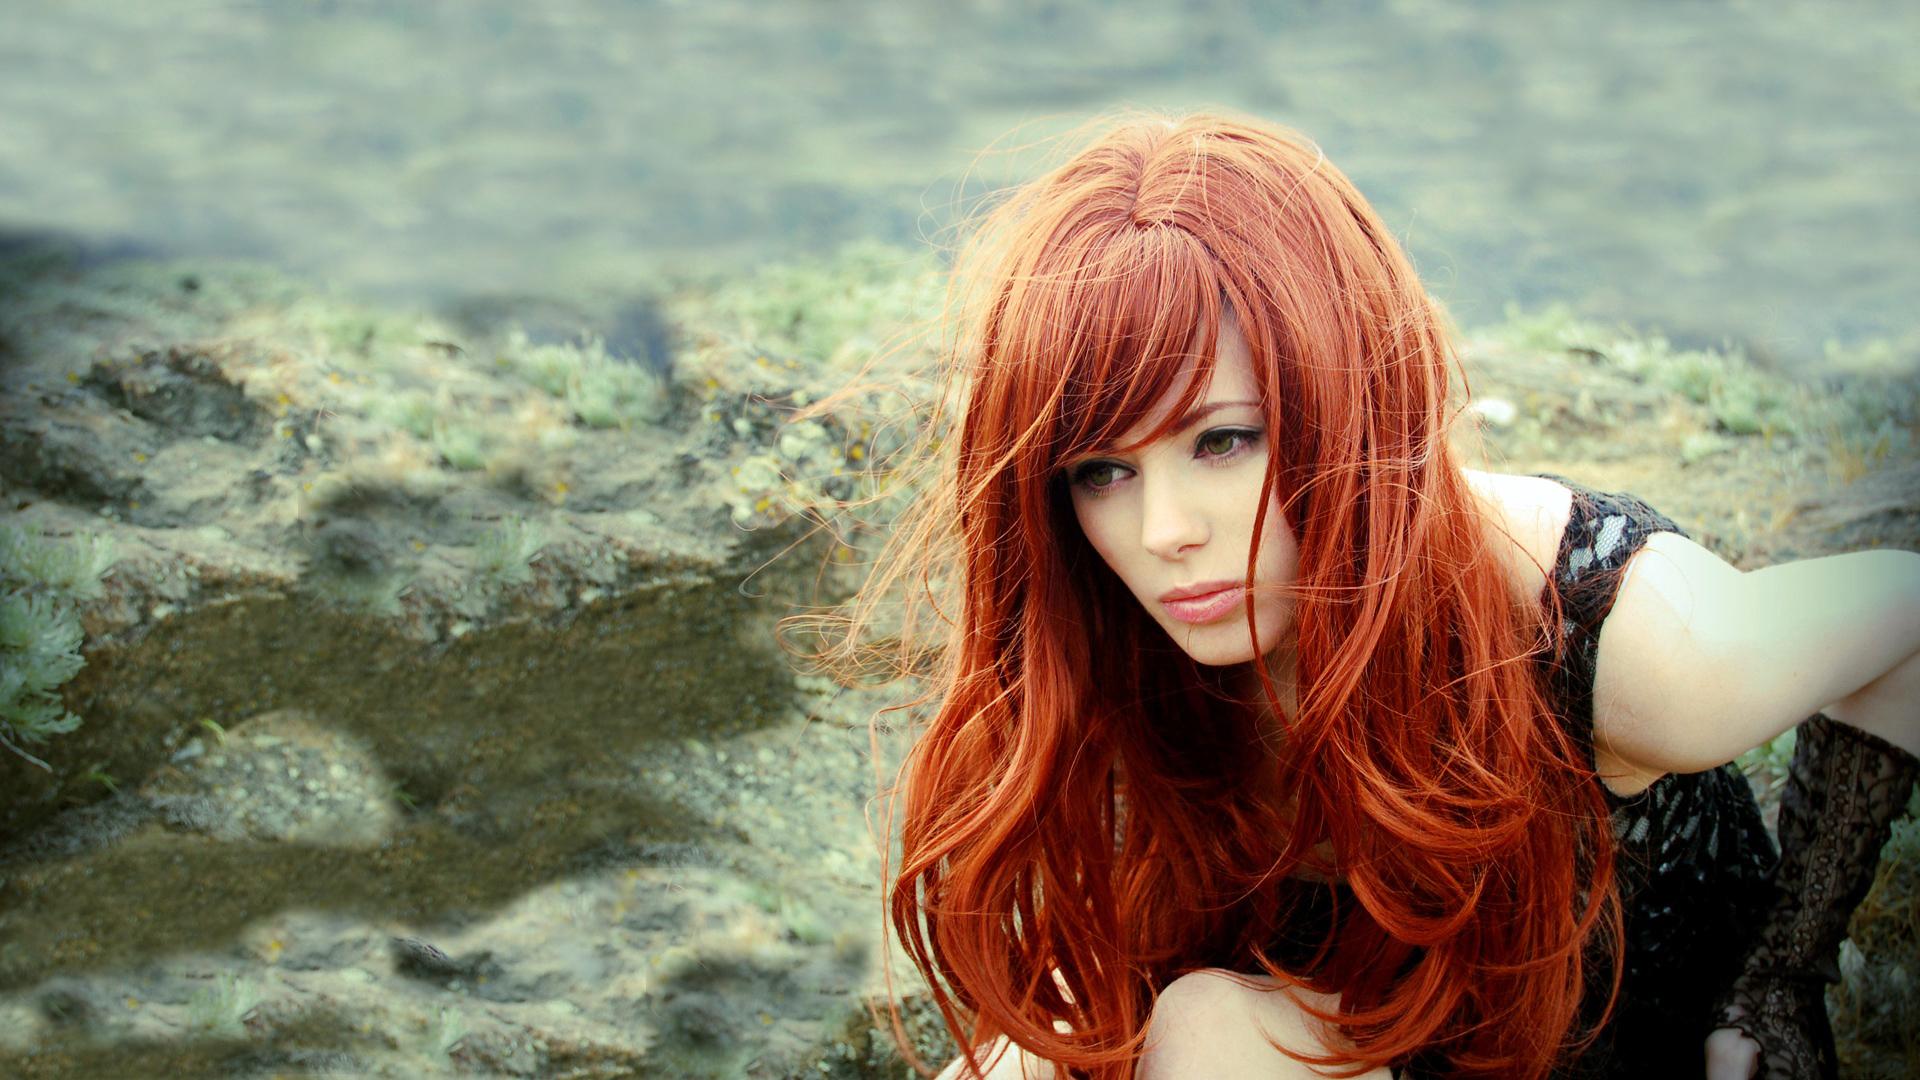 снова сон взять в руки прядь чужих рыжих волос важно также брать